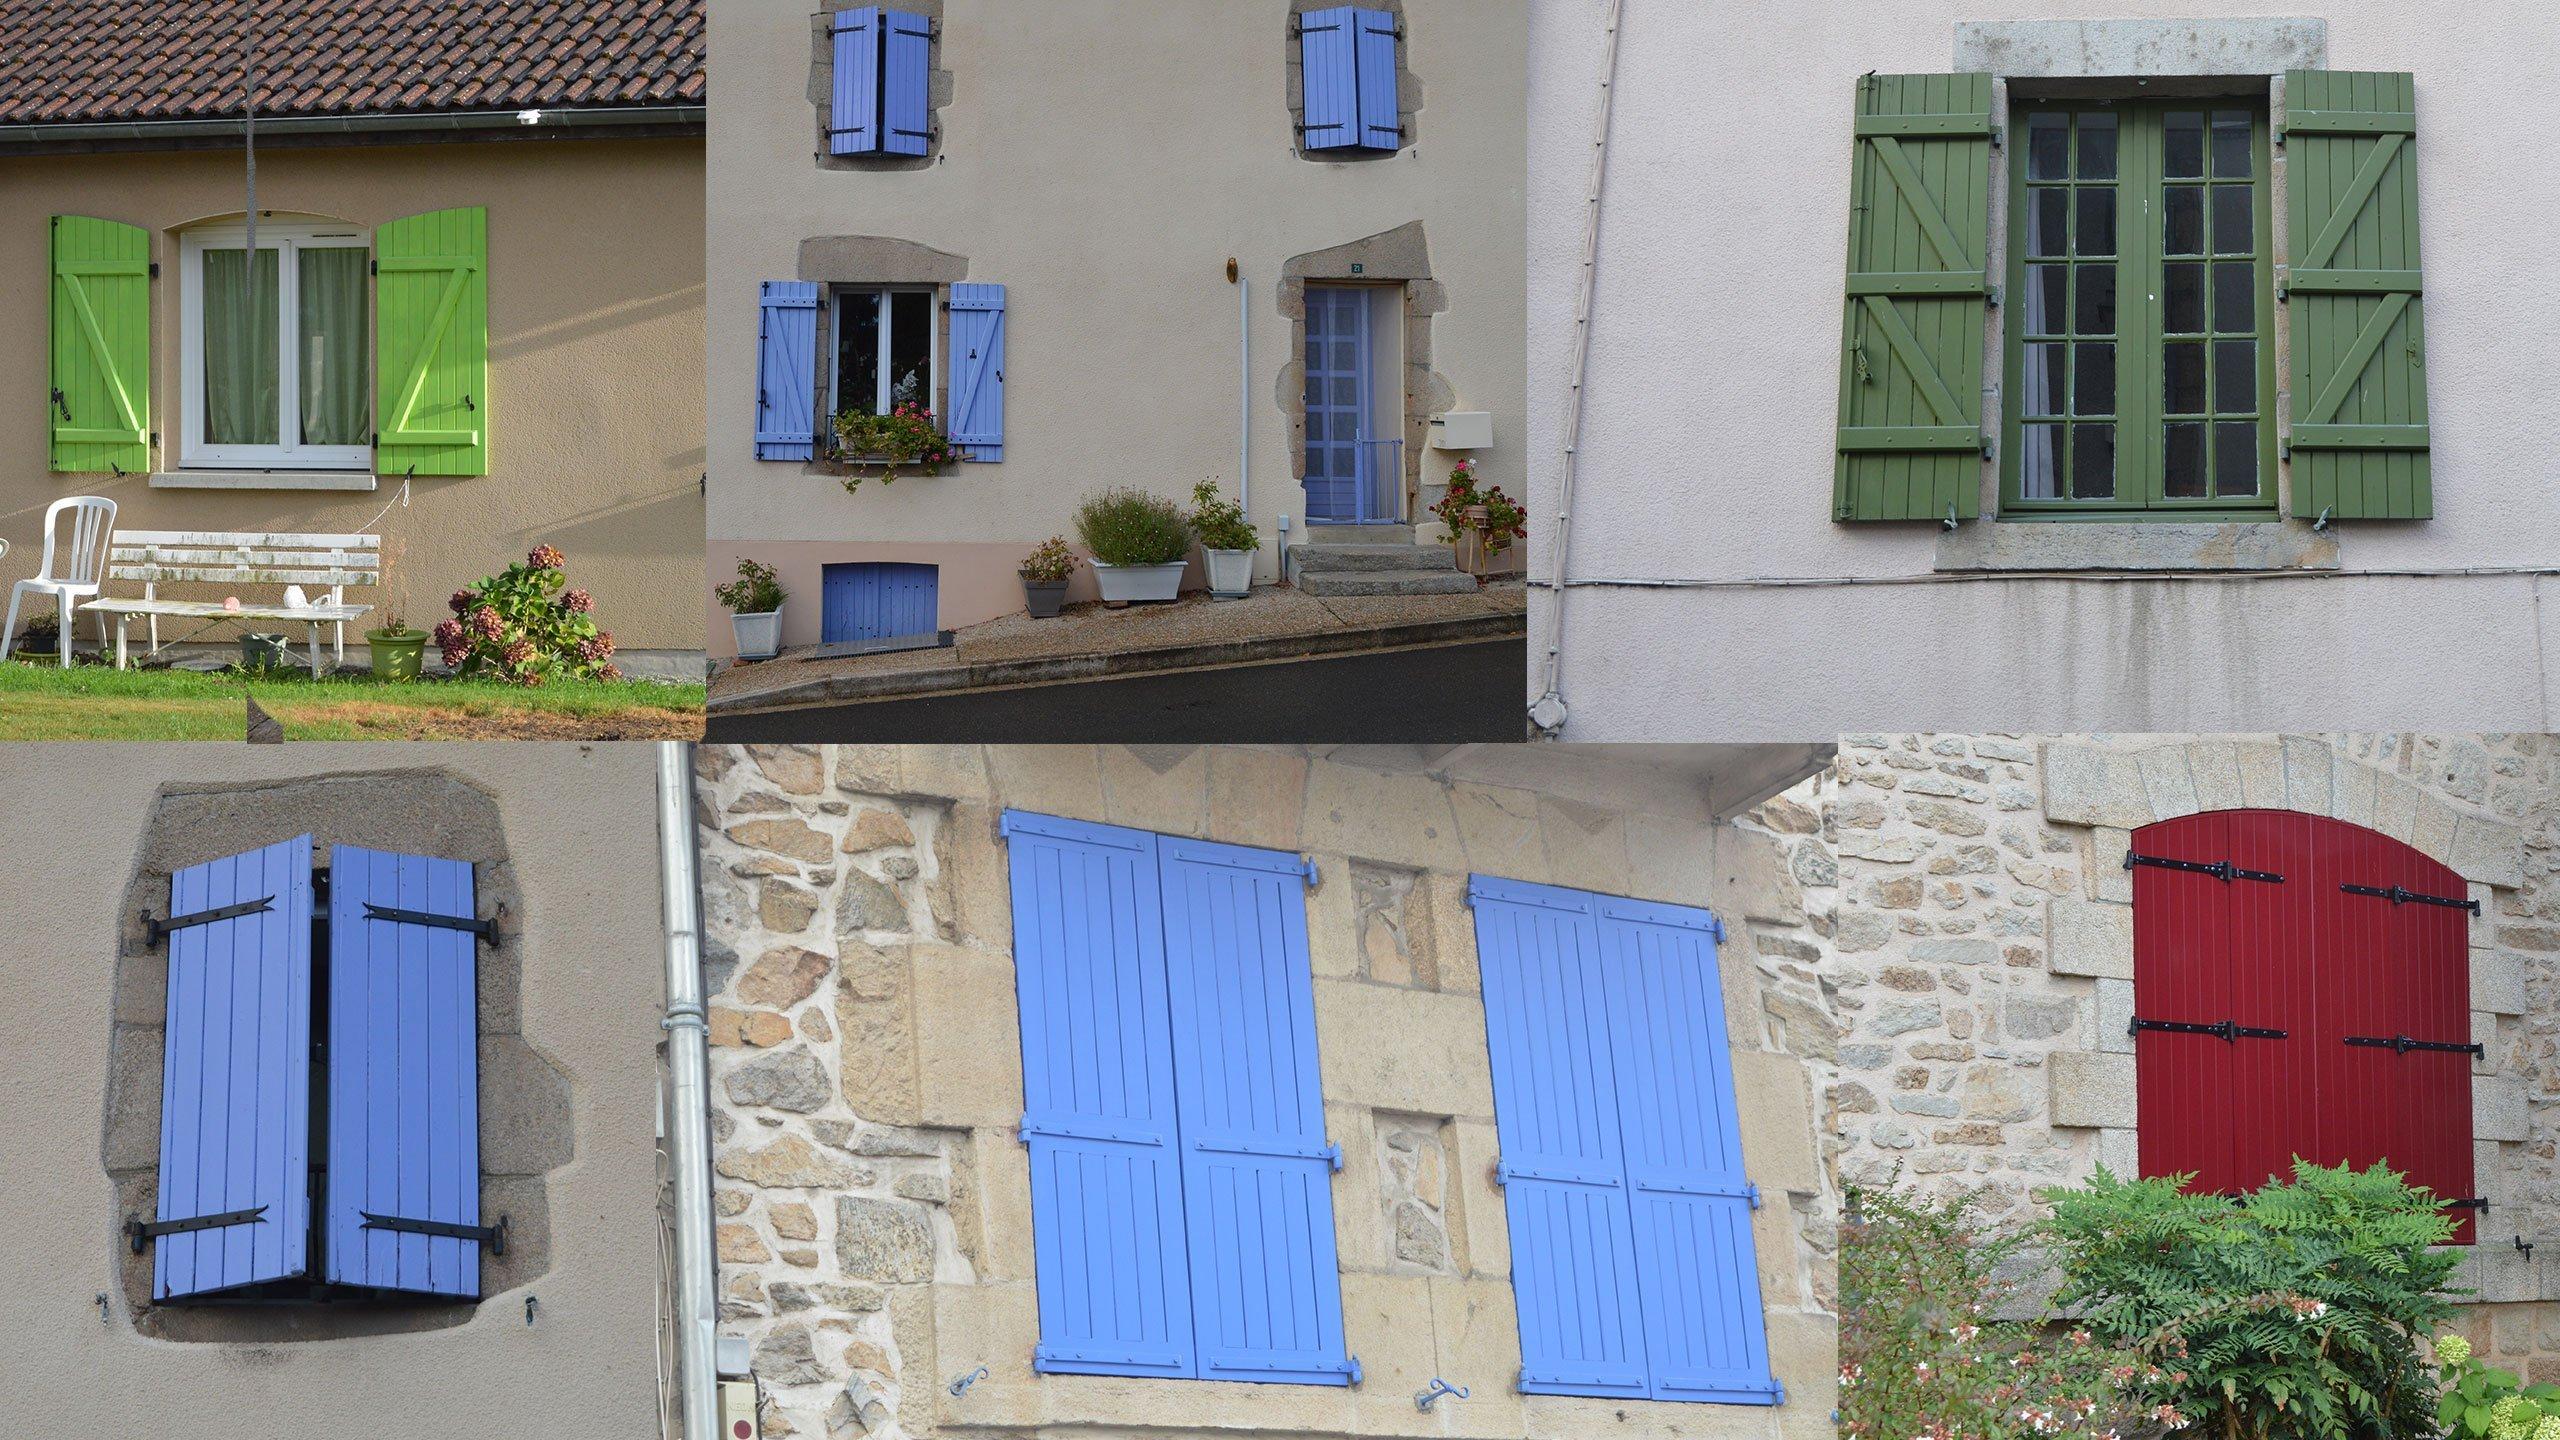 Coloured shutters of France, volets de couleur de france